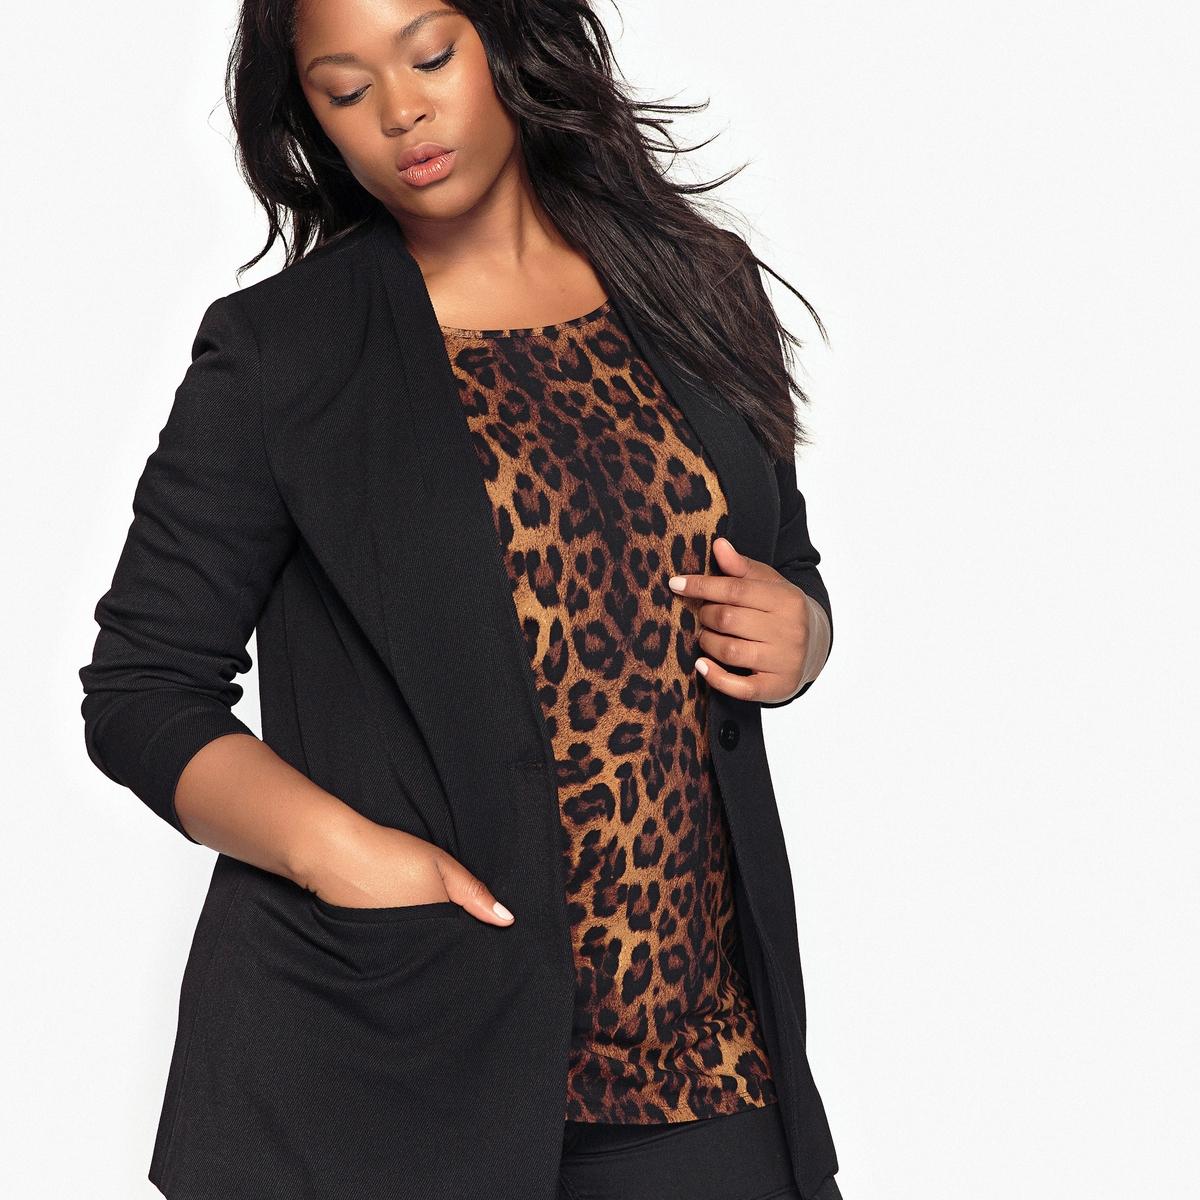 Жакет приталенныйОчень элегантный жакет можно одевать при выходах в свет или носить каждый день с леггинсами. Жакет черного цвета - основной предмет женского гардероба.Детали  •  Блейзер •  Приталенный покрой •  Длина : удлиненная модель •  Воротник-поло, рубашечныйСостав и уход  •  30% вискозы, 3% эластана, 67% полиэстера •  Подкладка : 100% полиэстер •  Стирать при 30° на деликатном режиме  •  Сухая чистка и отбеливание запрещены   •  Не использовать барабанную сушку  •  Низкая температура глажки Товар из коллекции больших размеров<br><br>Цвет: черный<br>Размер: 54 (FR) - 60 (RUS).46 (FR) - 52 (RUS)